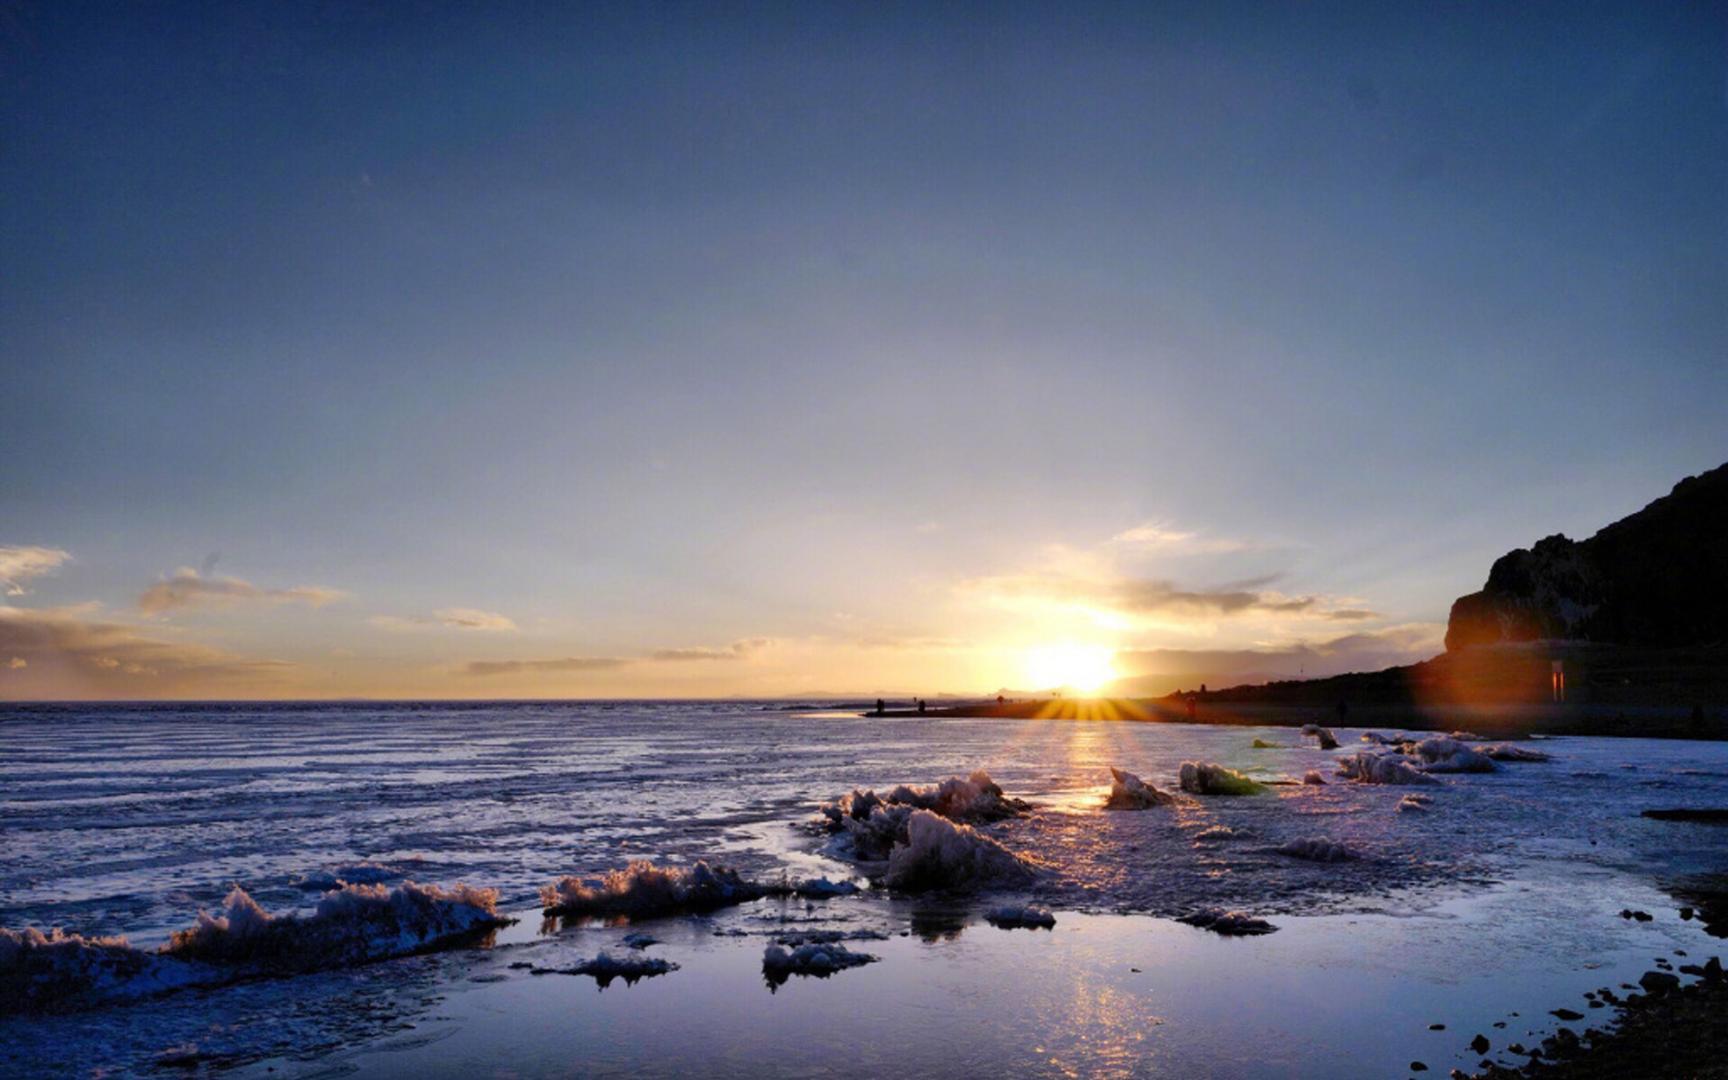 Cảnh thiên nhiên đẹp bình minh trên bờ biển